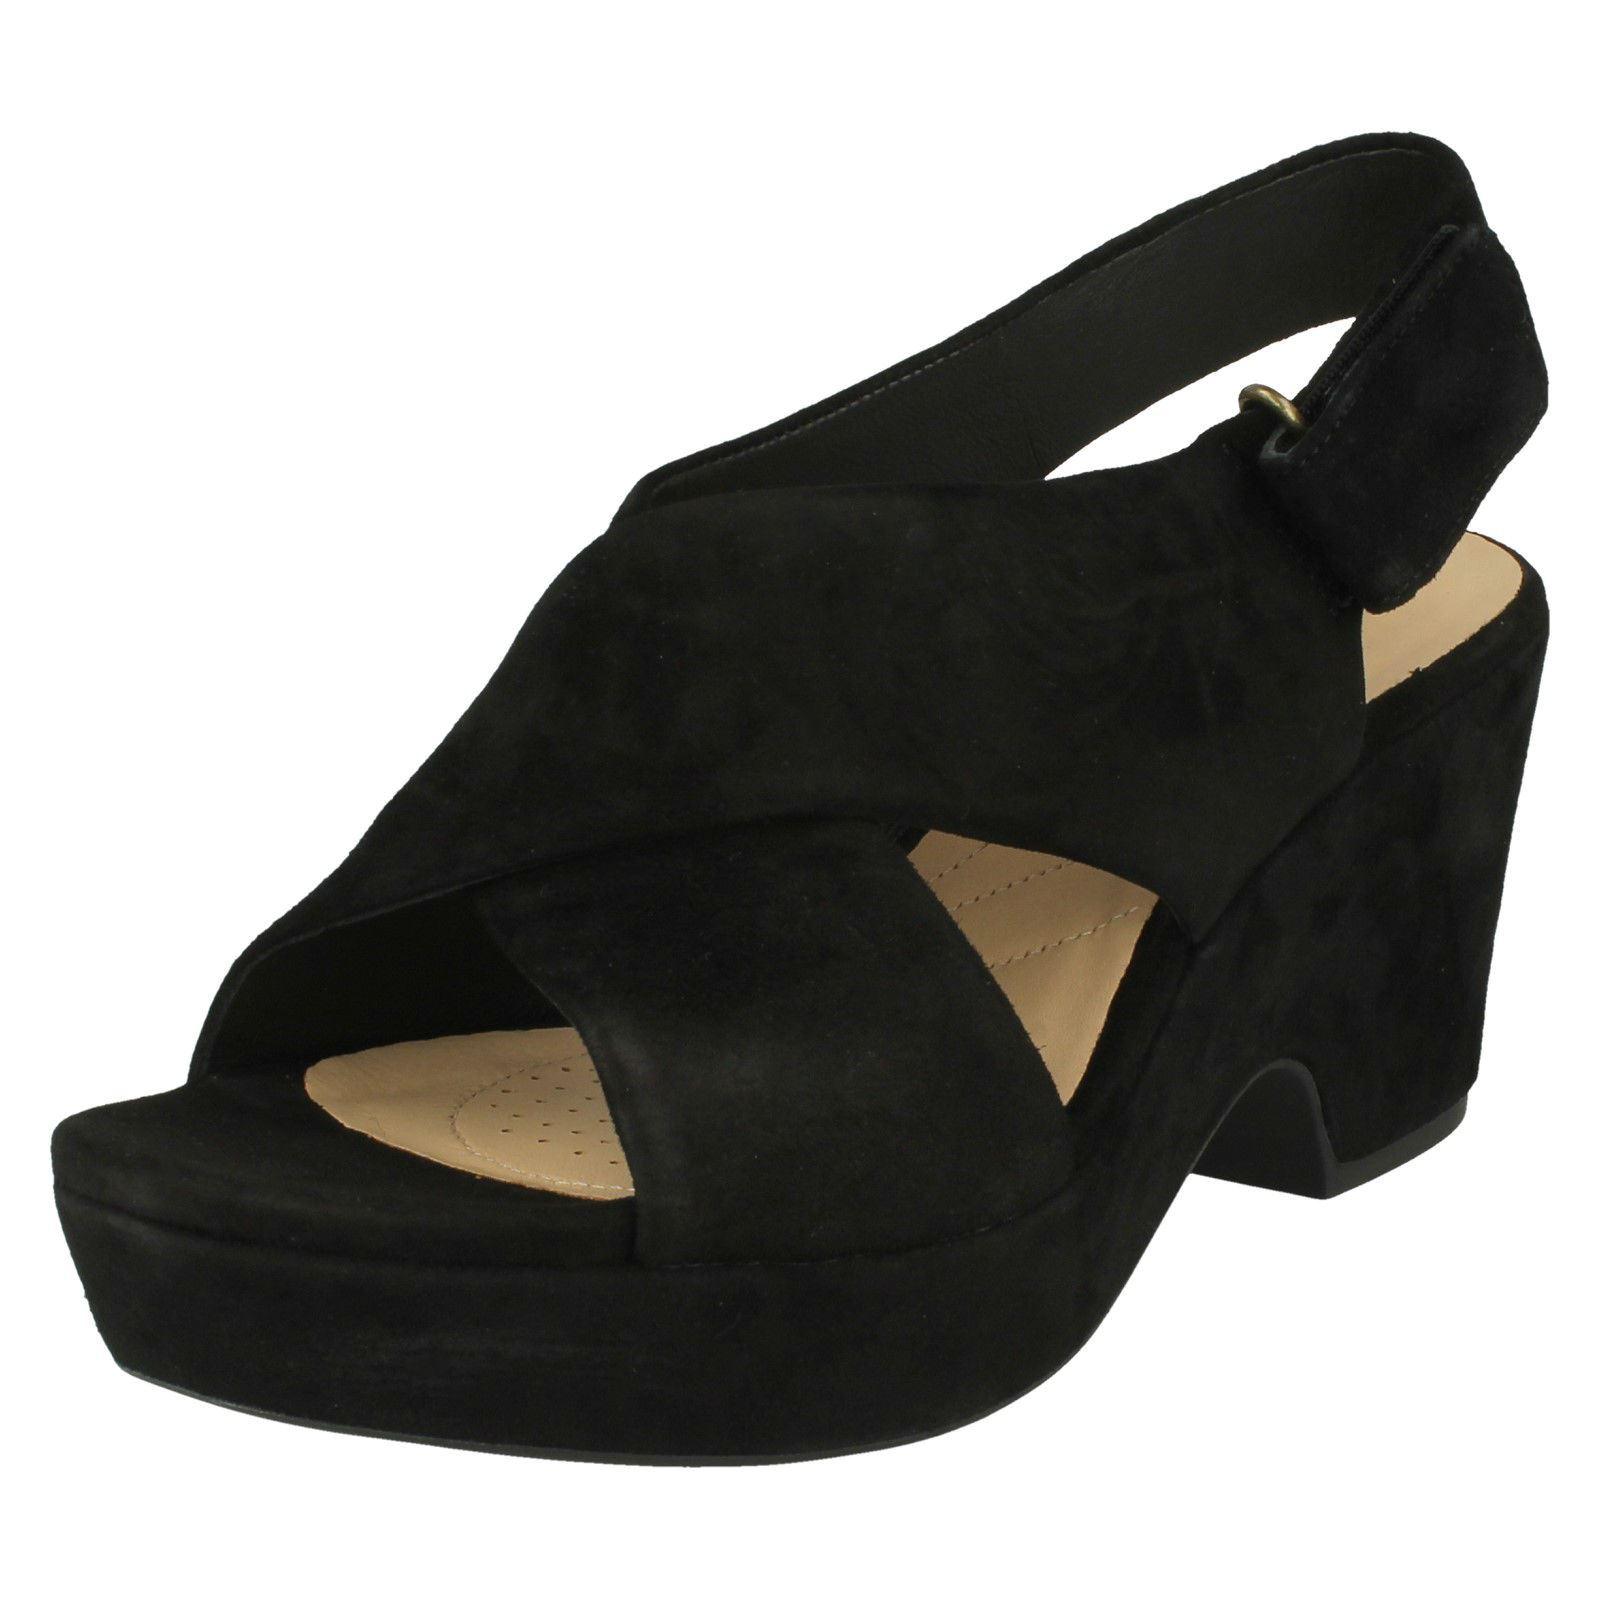 aca504caffa8 Women s Clarks Maritsa Lara Sandals in Black - Size UK 5.5   EU 39 ...